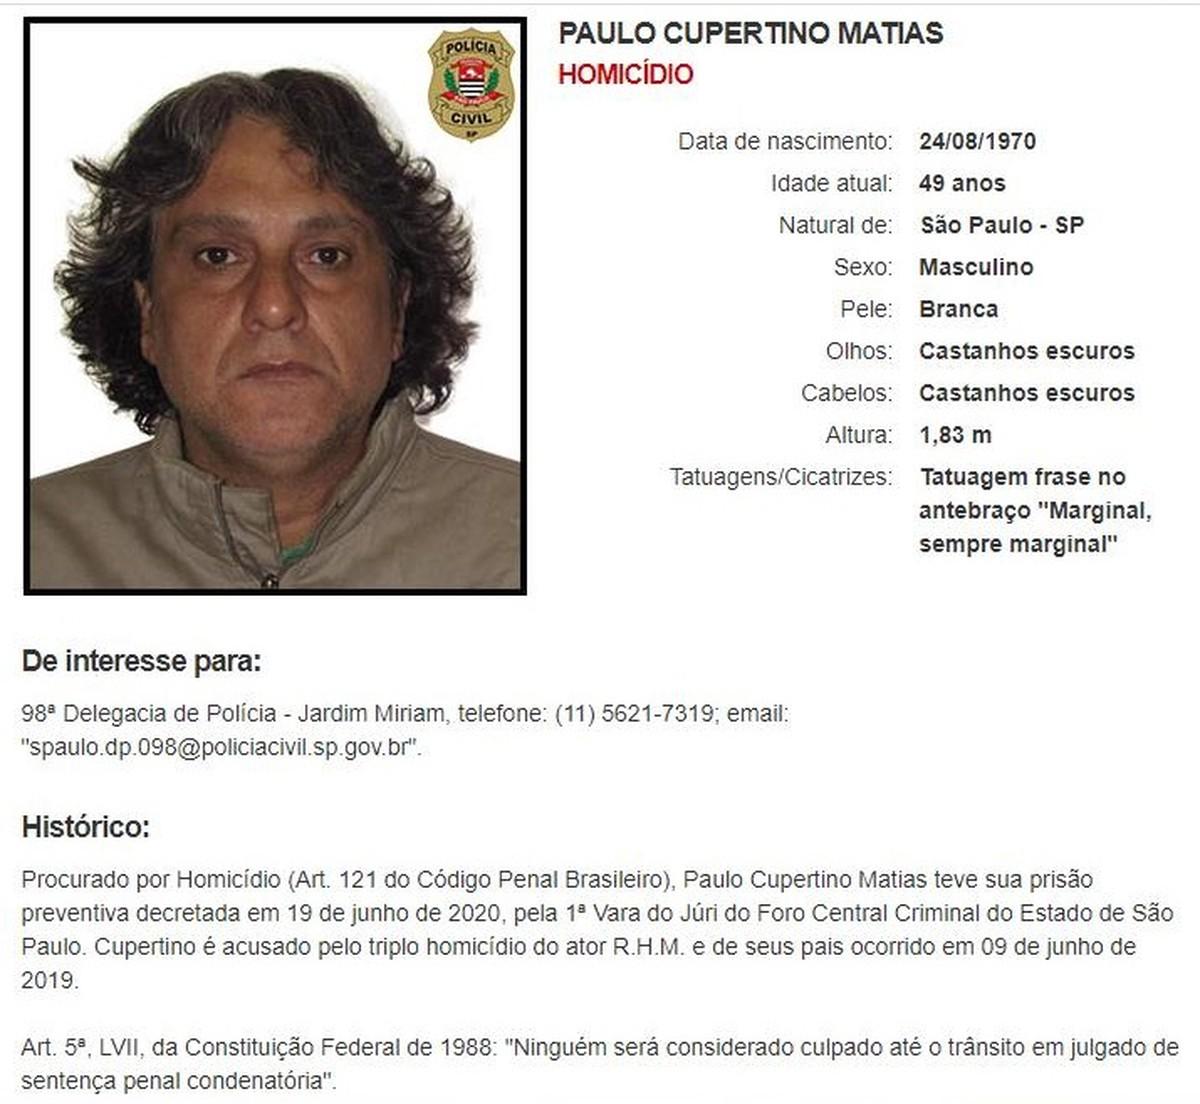 Paulo Cupertino, assassino do ator Rafael Miguel e família, entra na lista dos criminosos mais procurados pela polícia de SP – G1